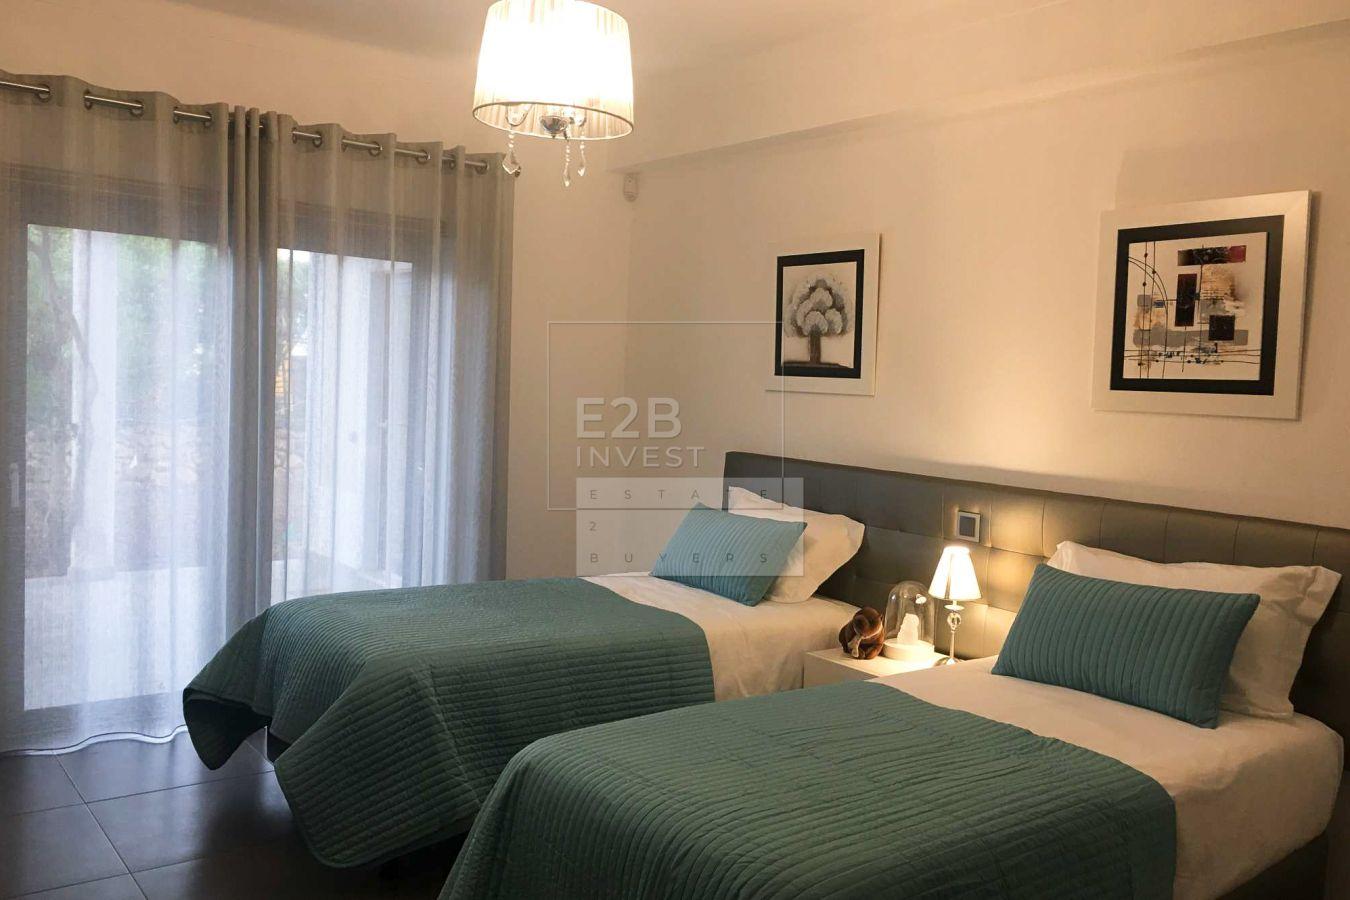 E2B-Invest-villa-v4-06